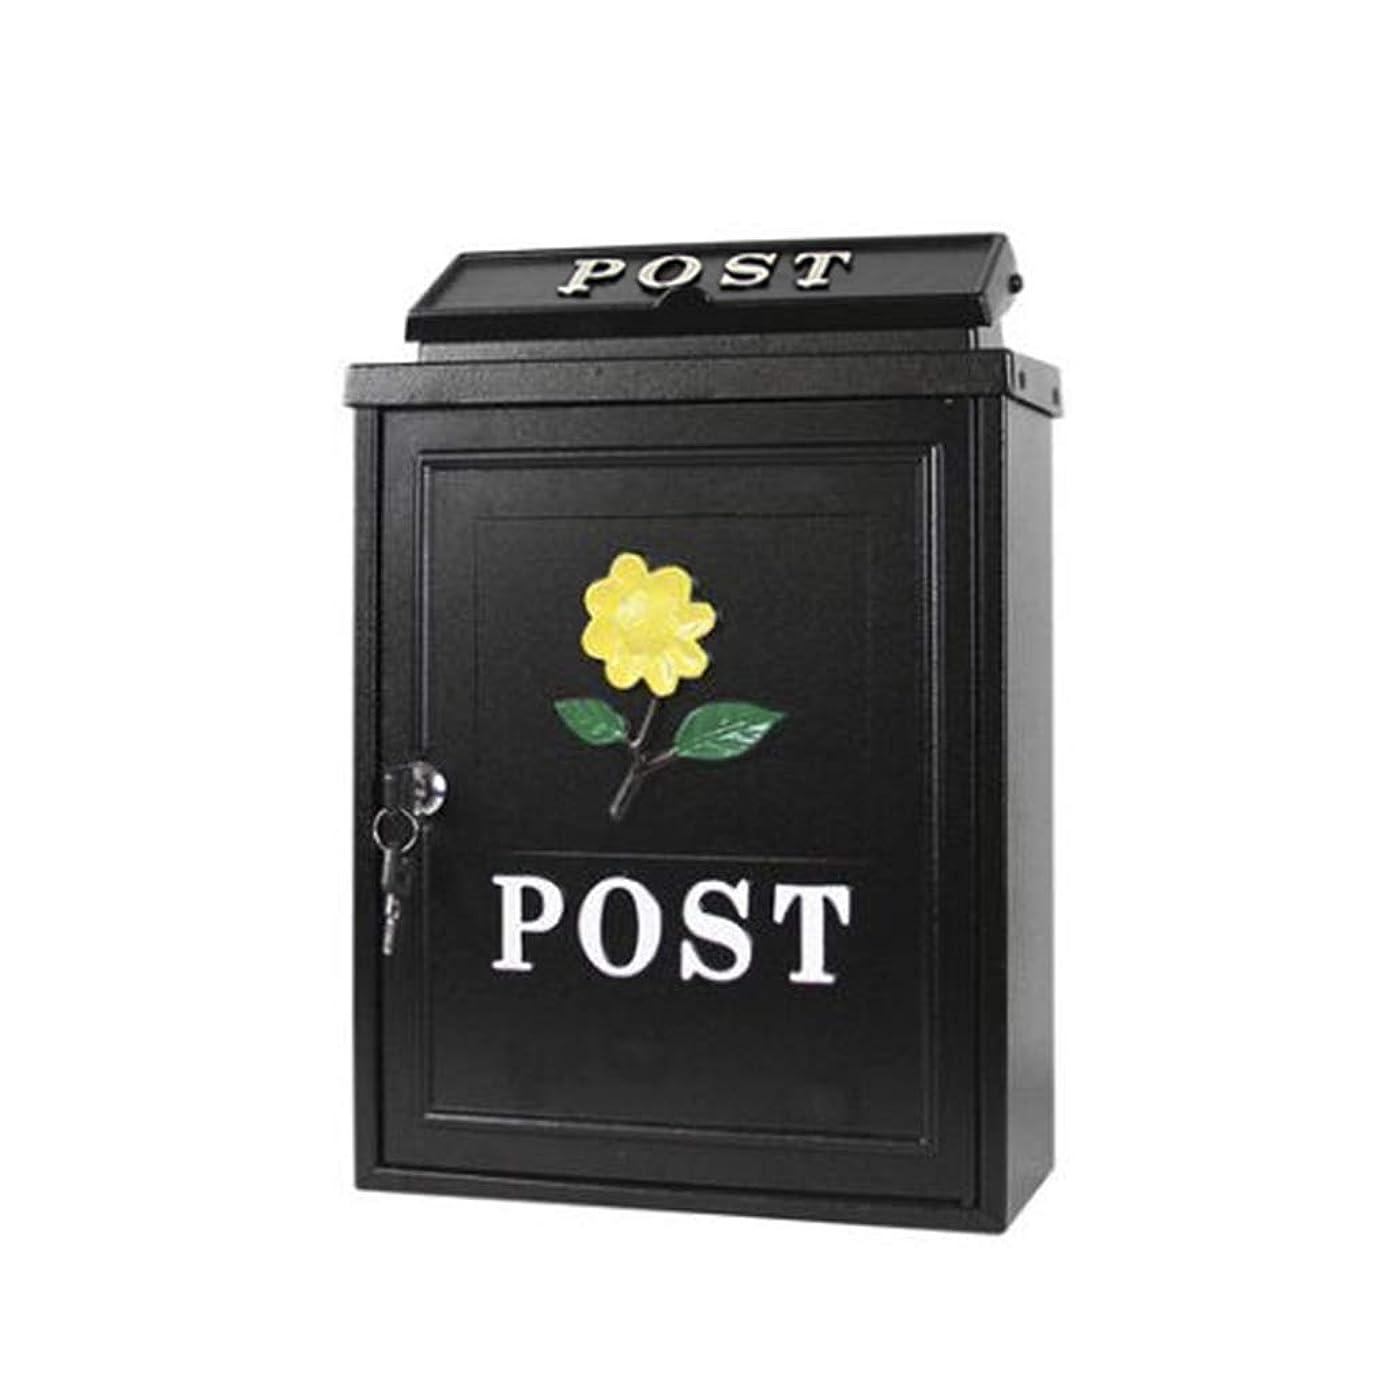 安西昨日タイヤメールボックス、ヨーロッパのレターボックス屋外レインウォーターウォールロックポストボックスクリエイティブレターボックス(カラー:B)